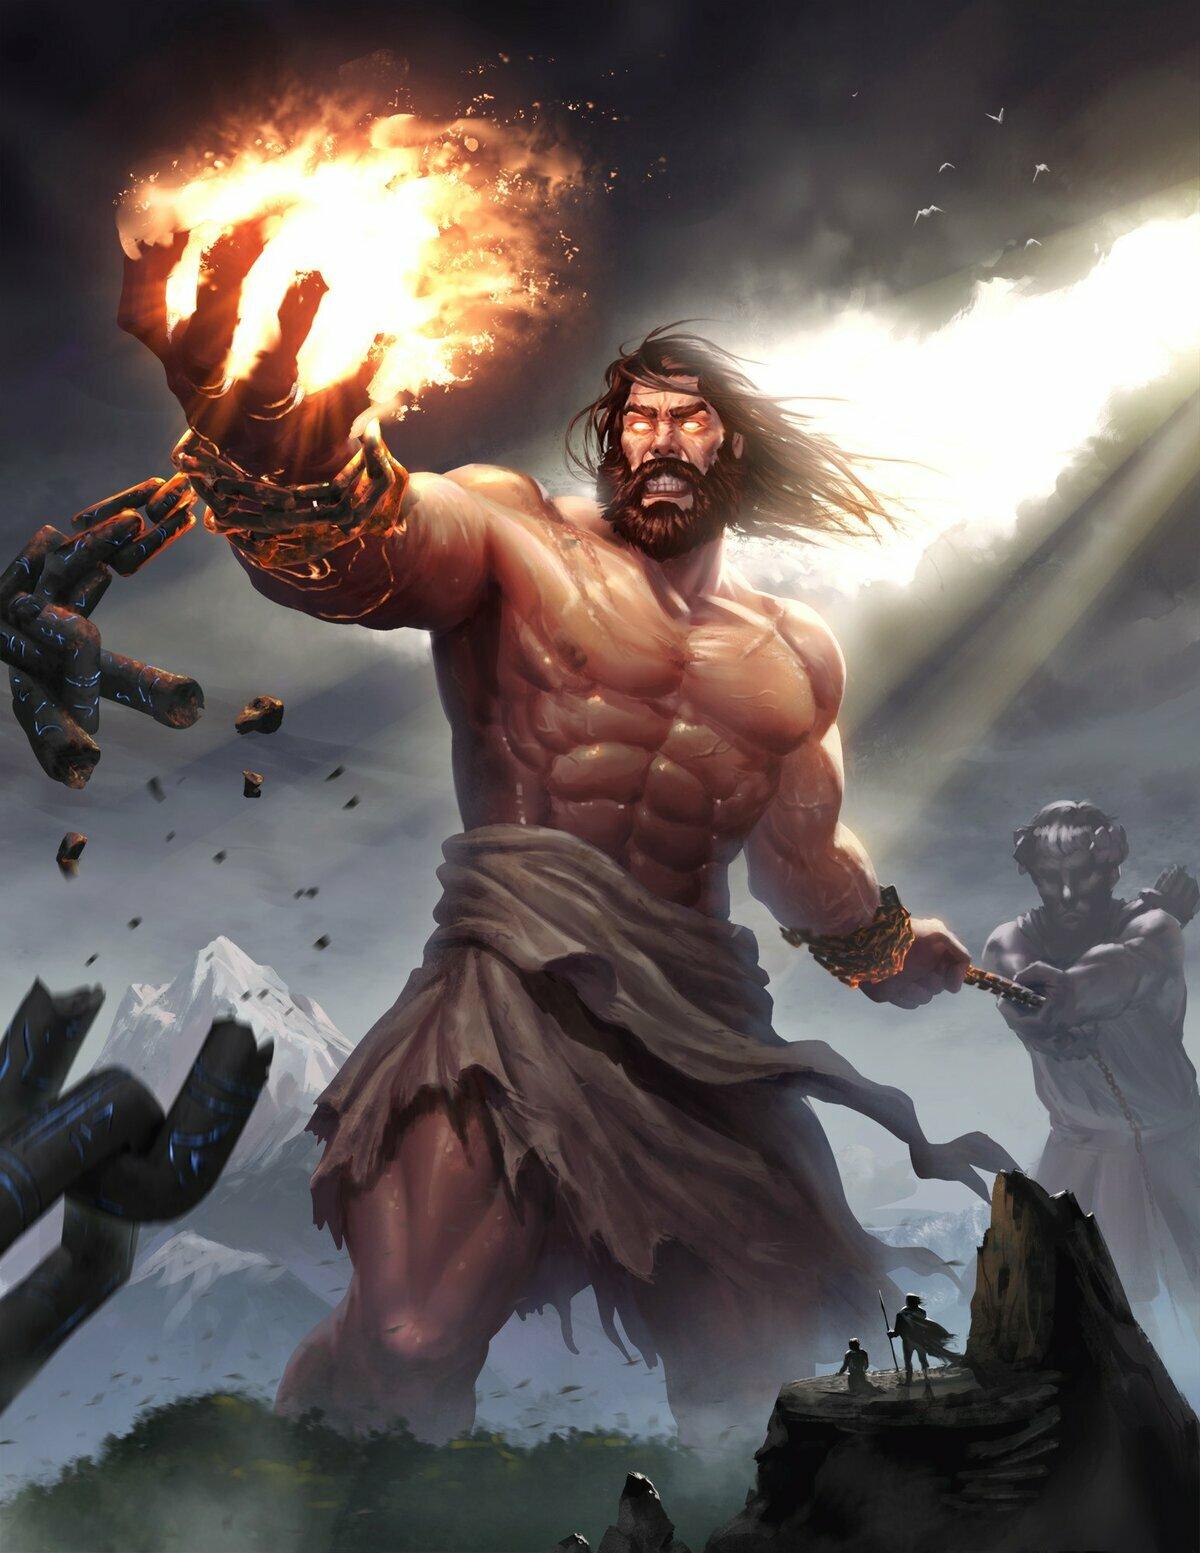 титан картинки бога этого изменили